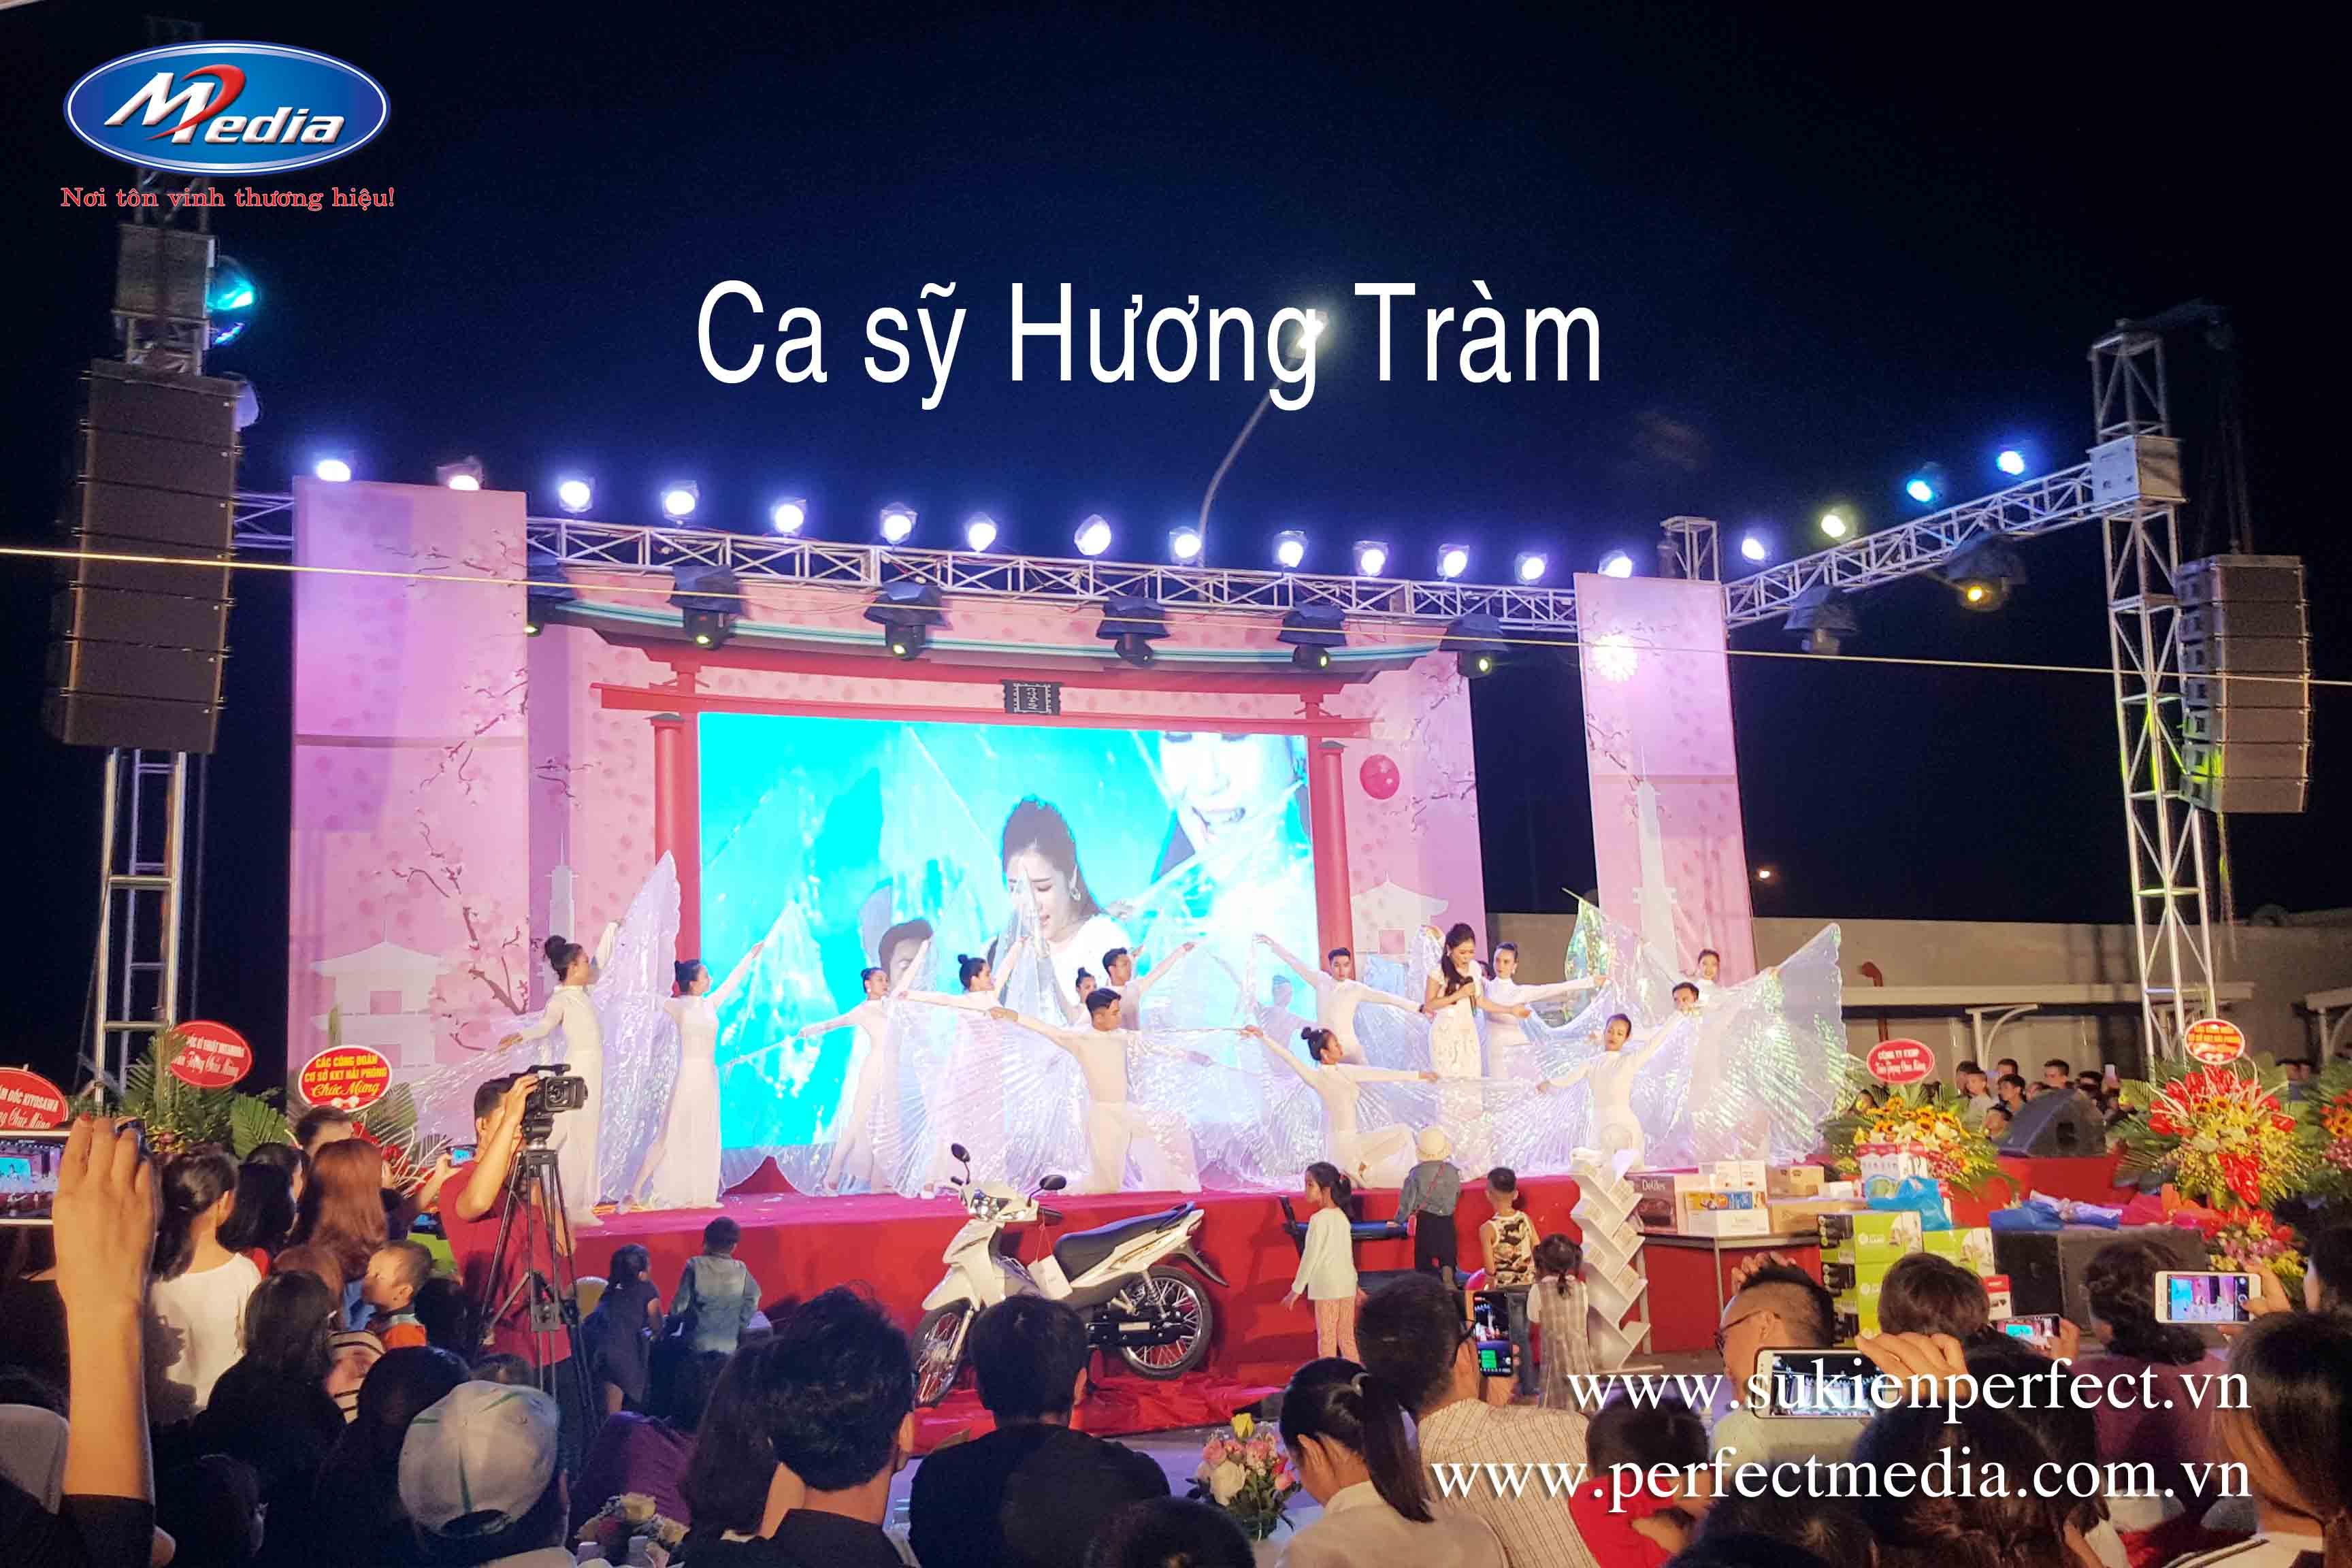 Ca sỹ Hương Tràm